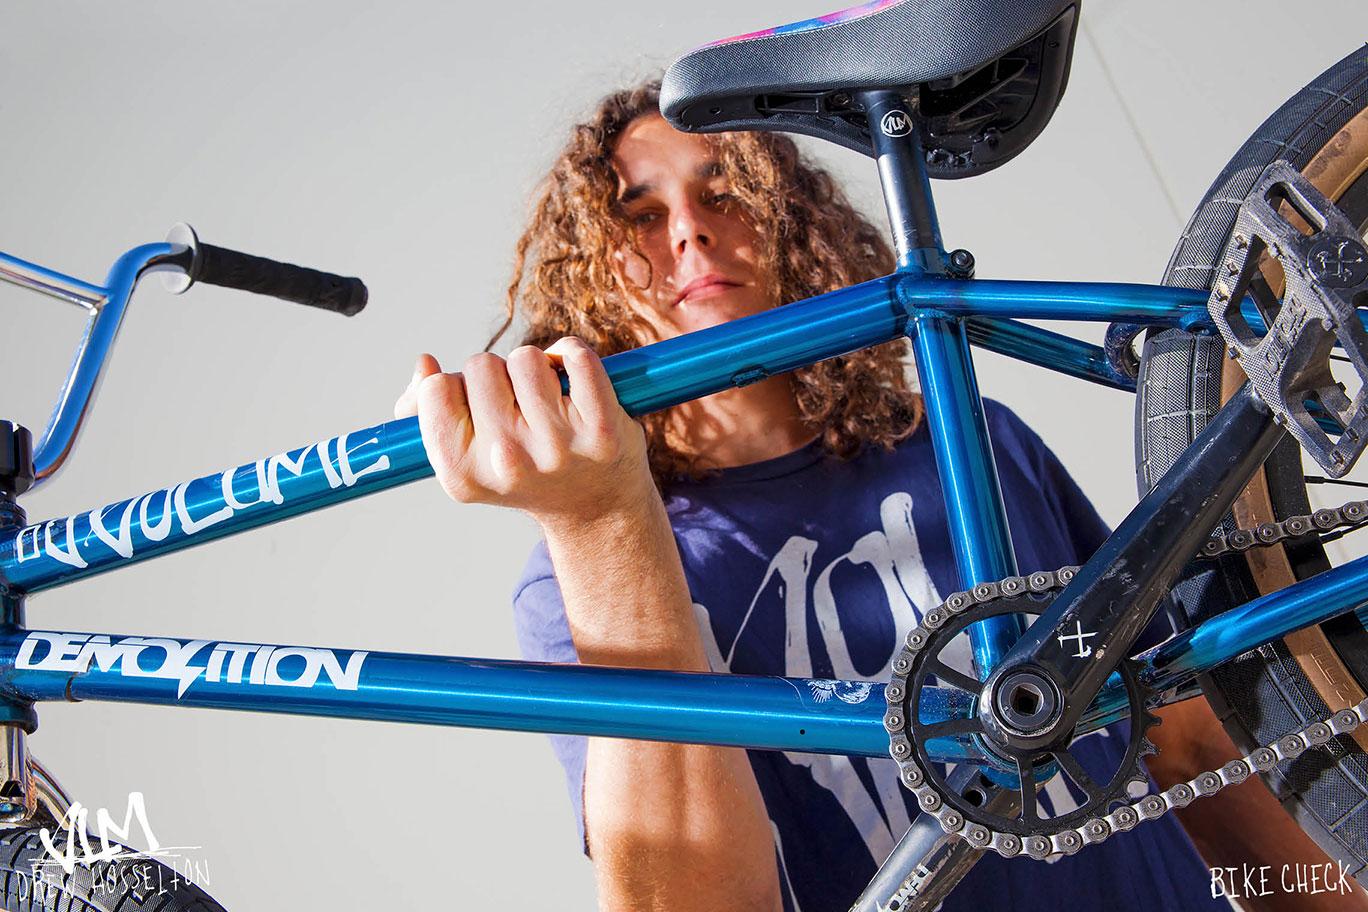 Hoss Bike Check: Weird Al Curl